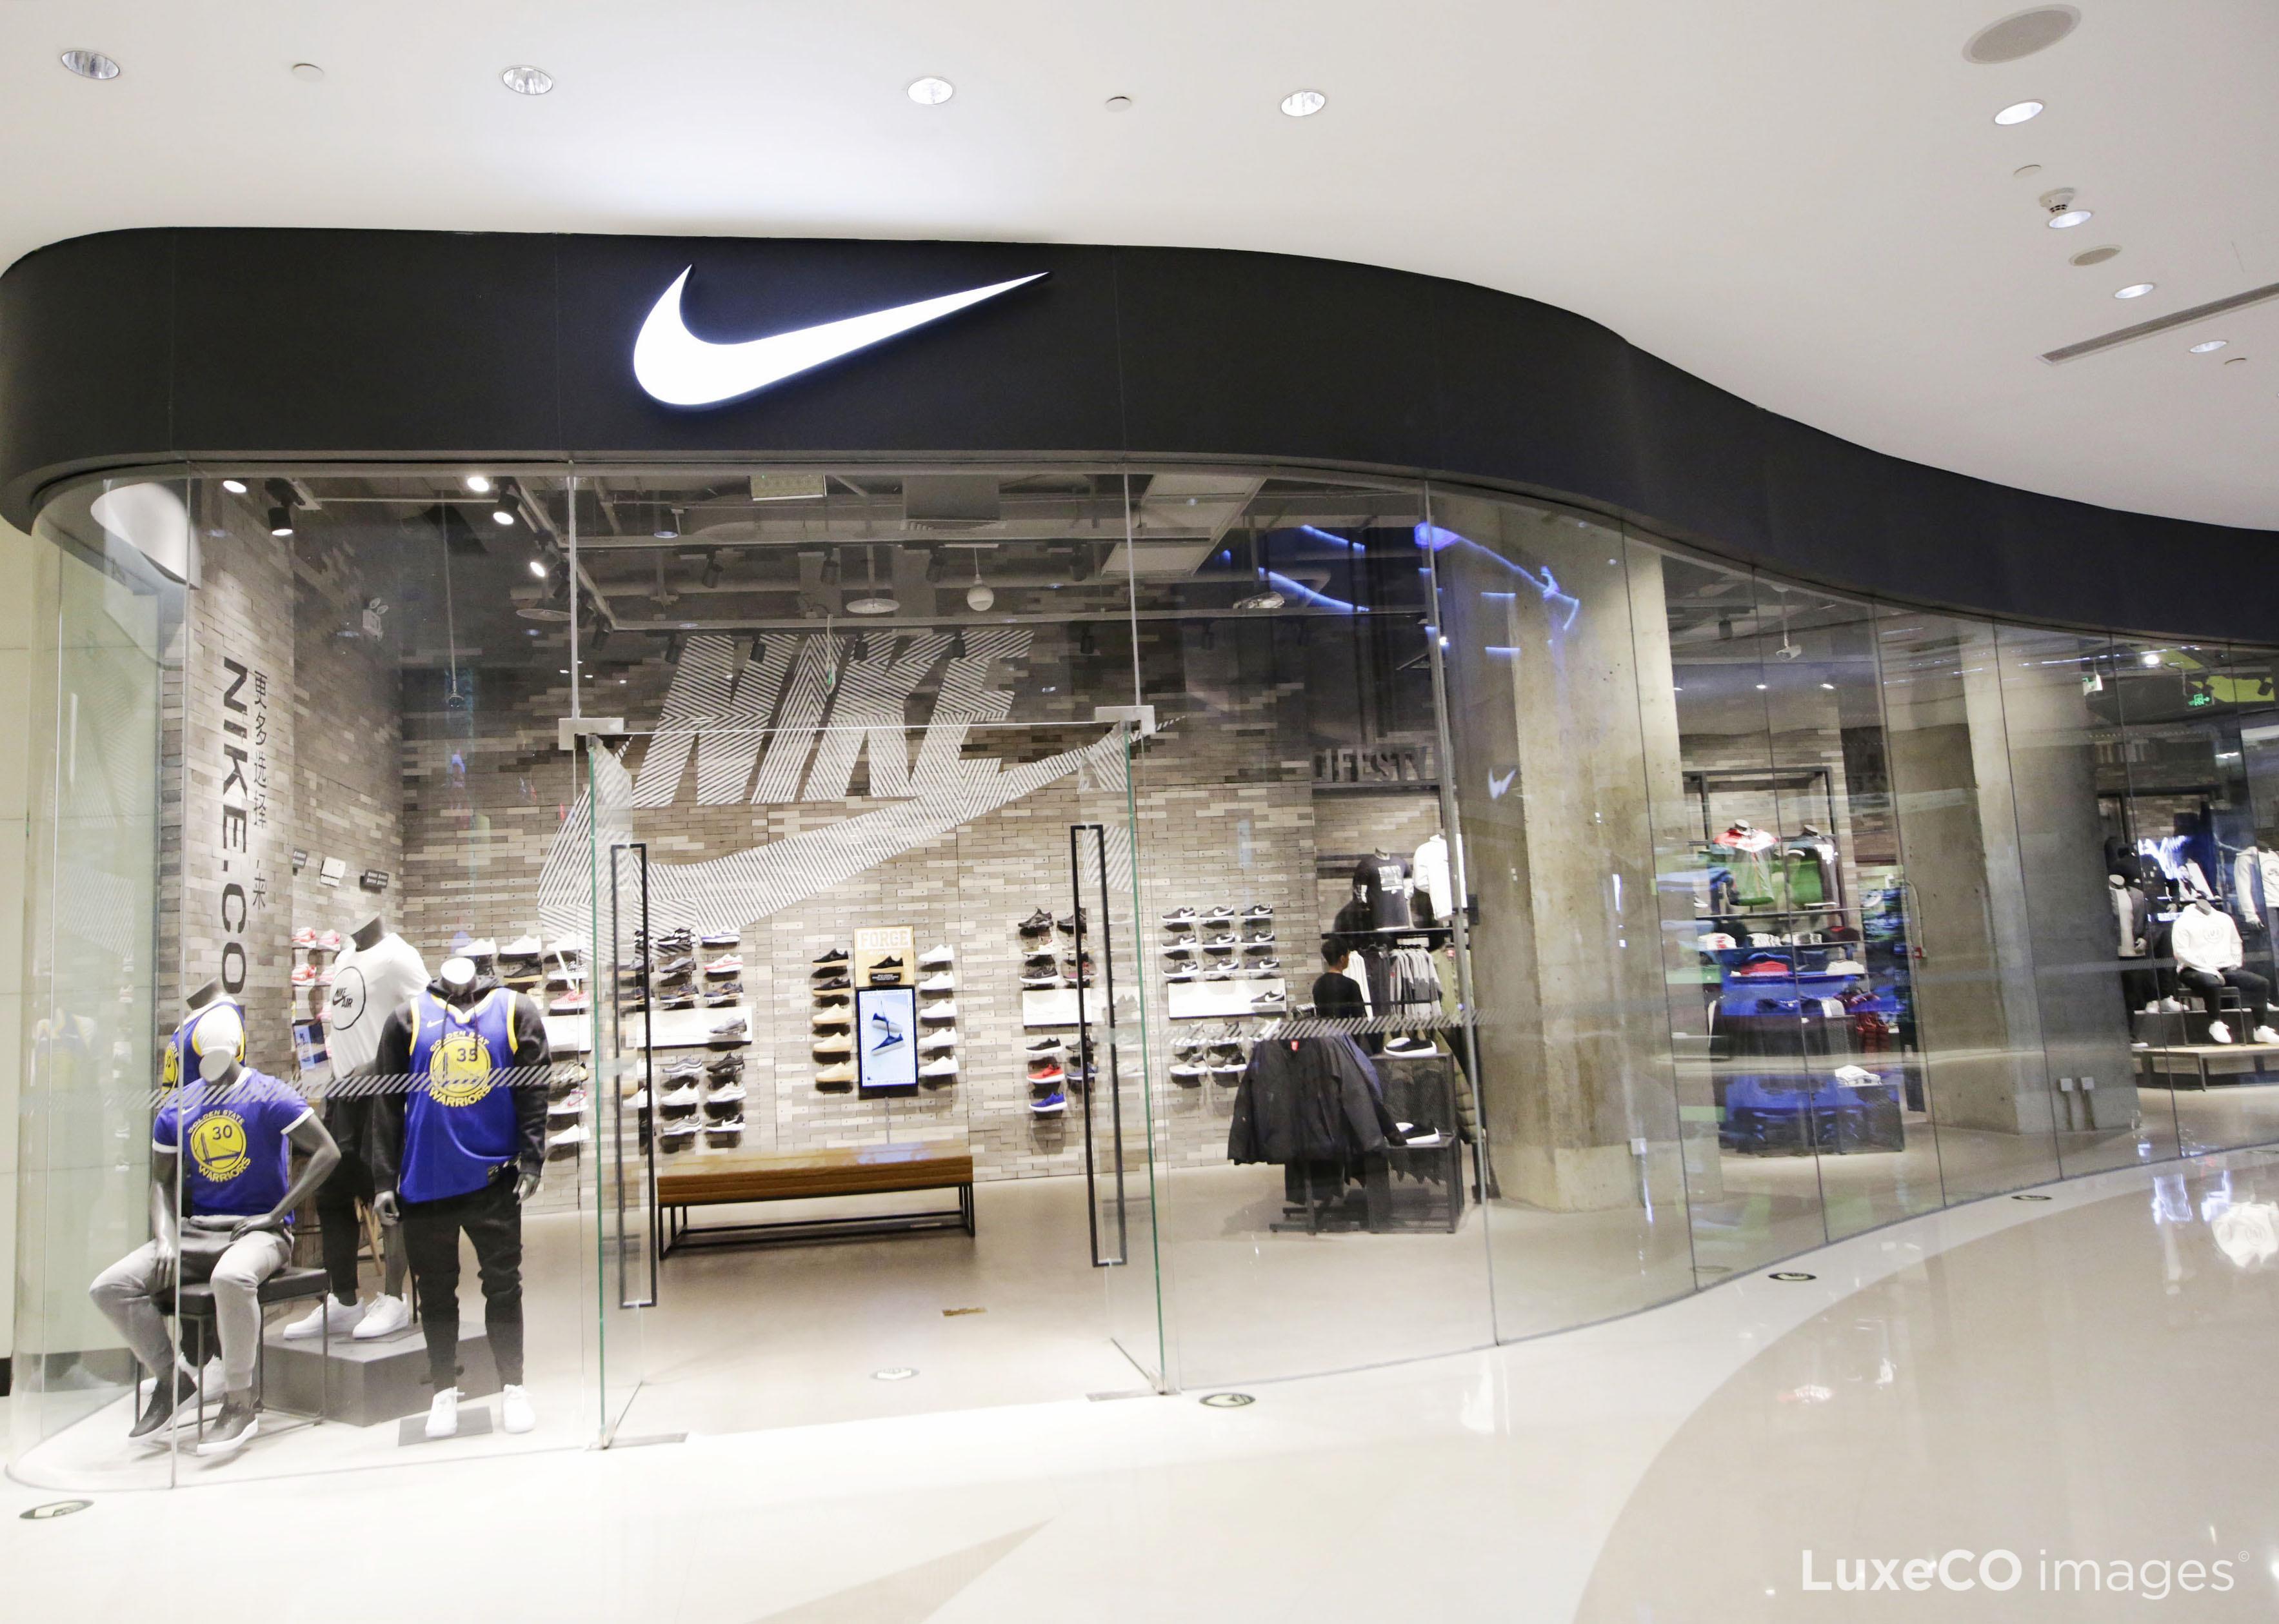 服装零售业回暖,Nike股价升至史上最高